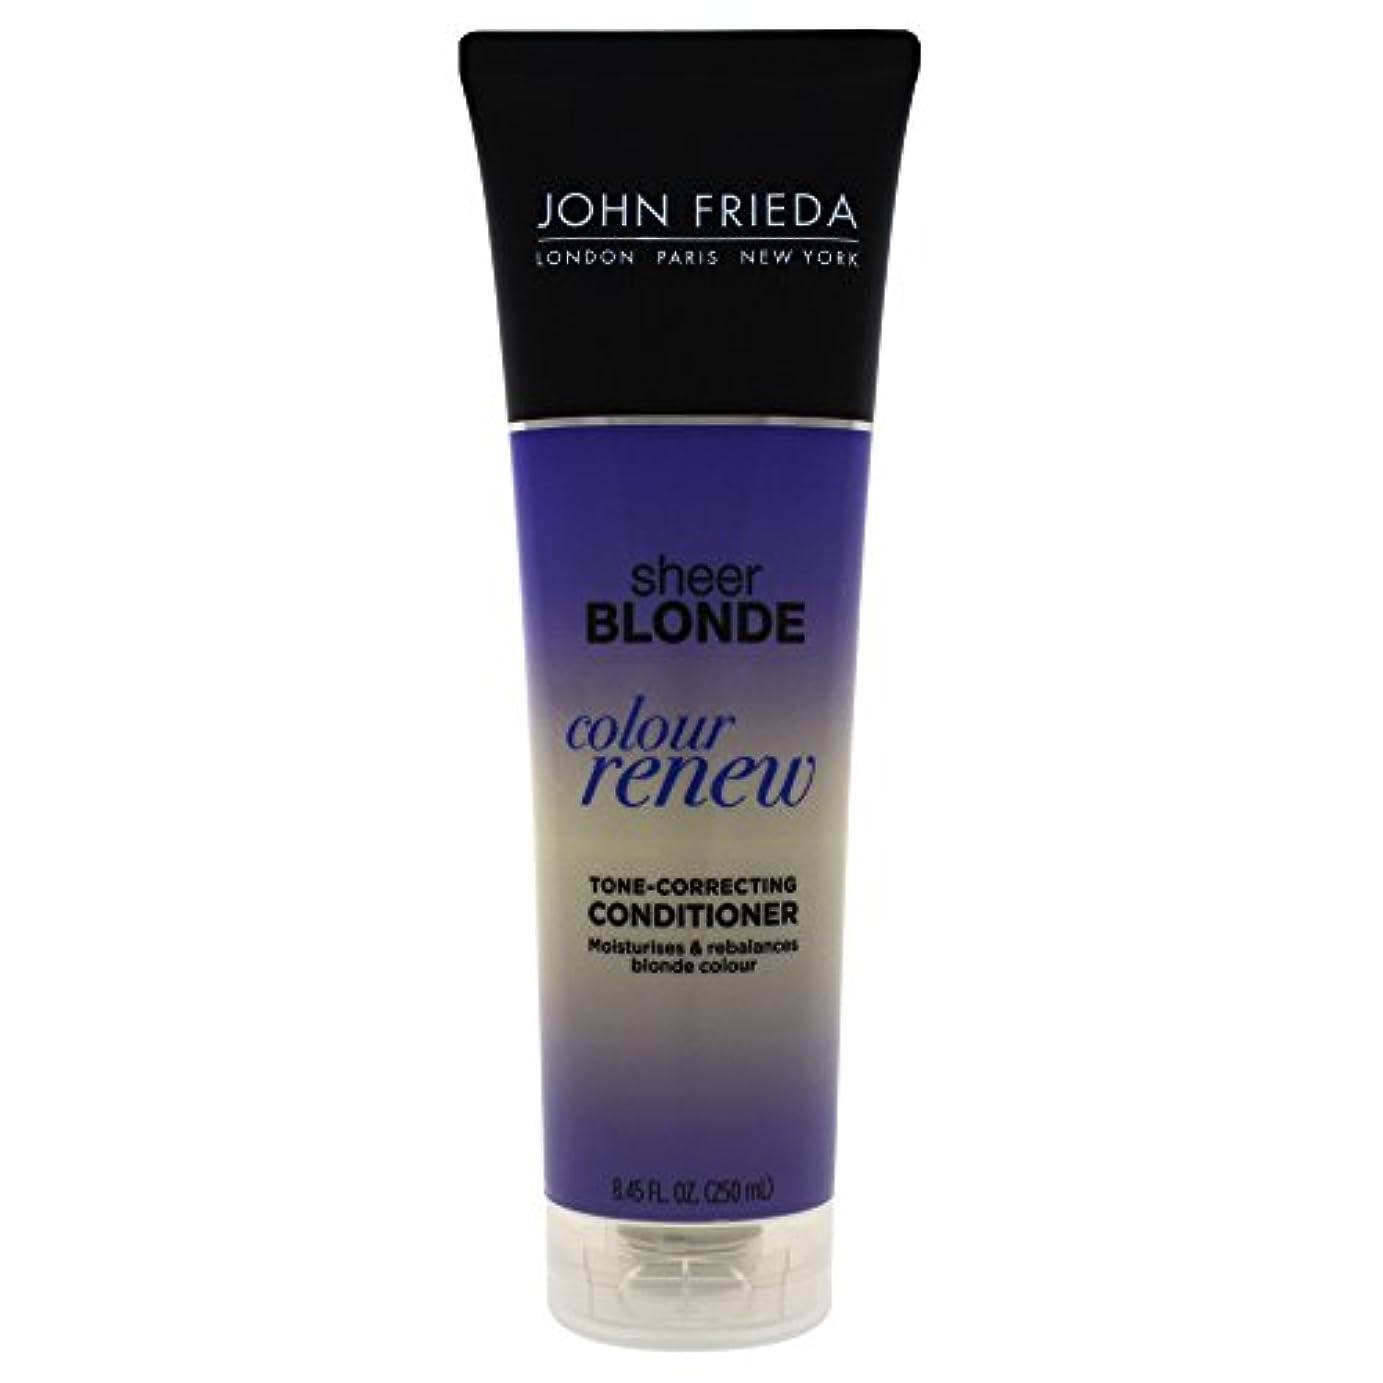 ポットラビリンス憎しみJohn Frieda Sheer Blonde Color Renew Tone Correcting Conditioner, 8.45 Ounce by John Frieda